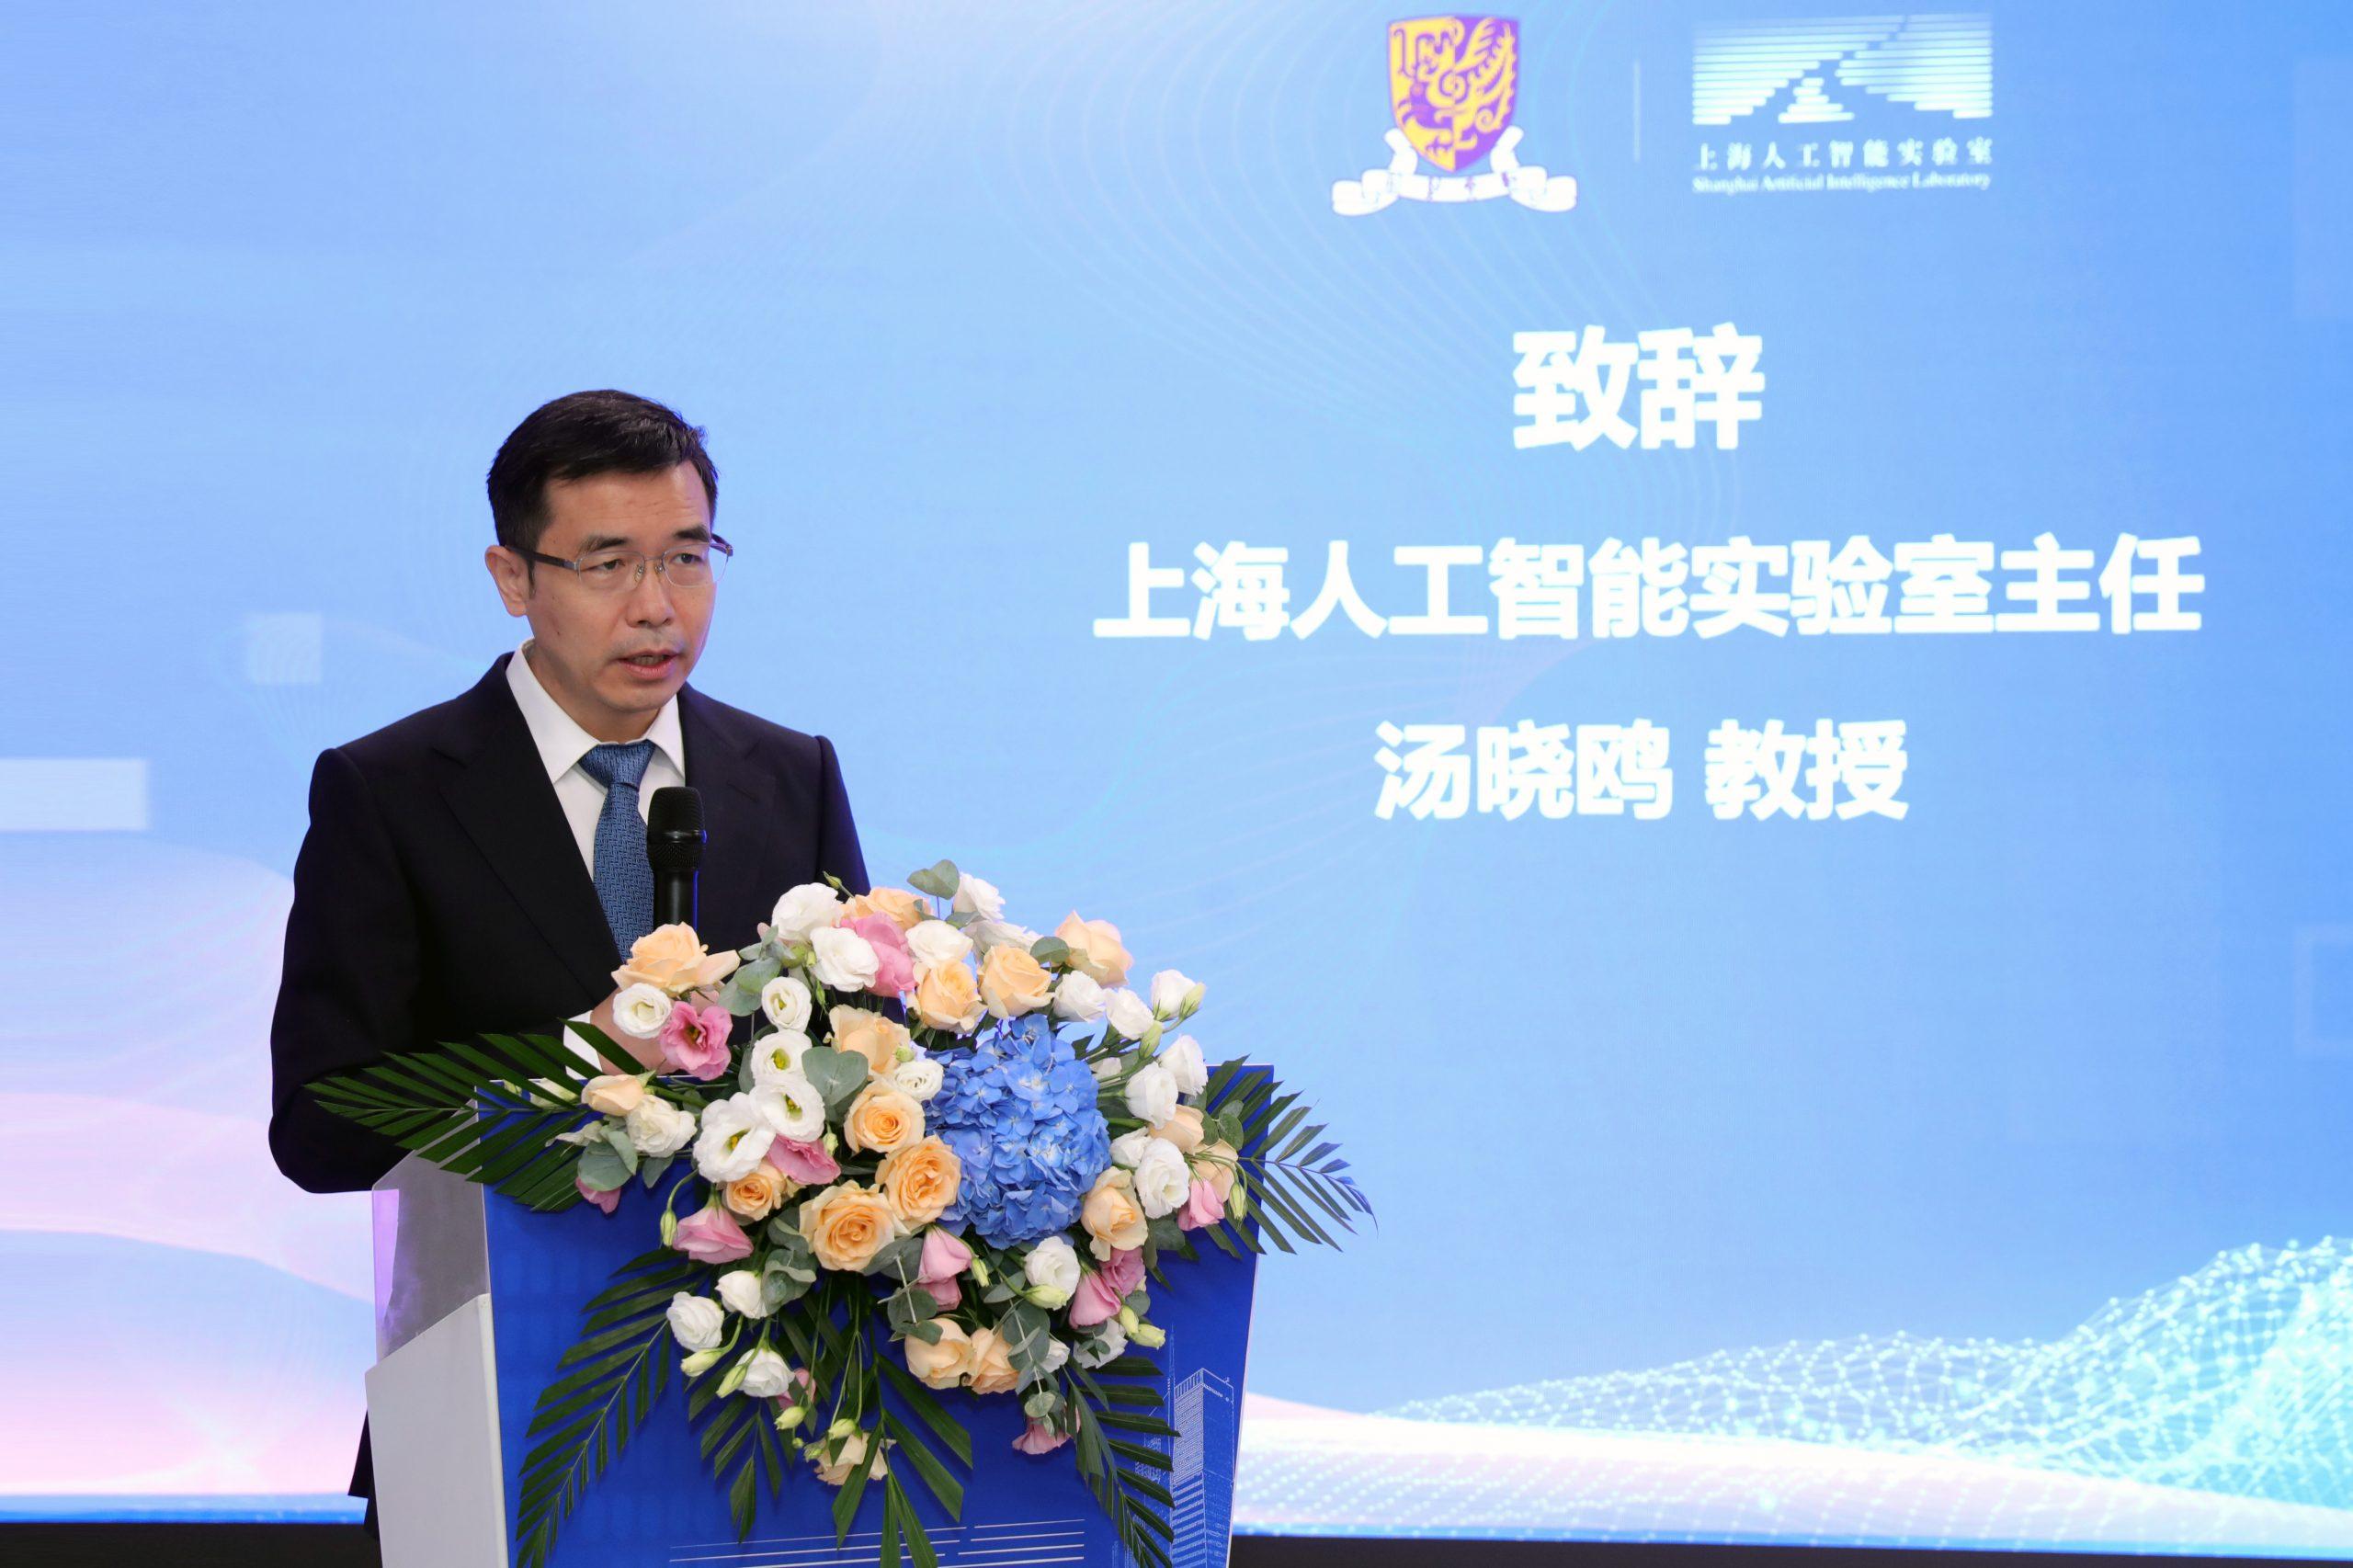 中大與上海人工智能實驗室共建人工智能交叉學科研究所